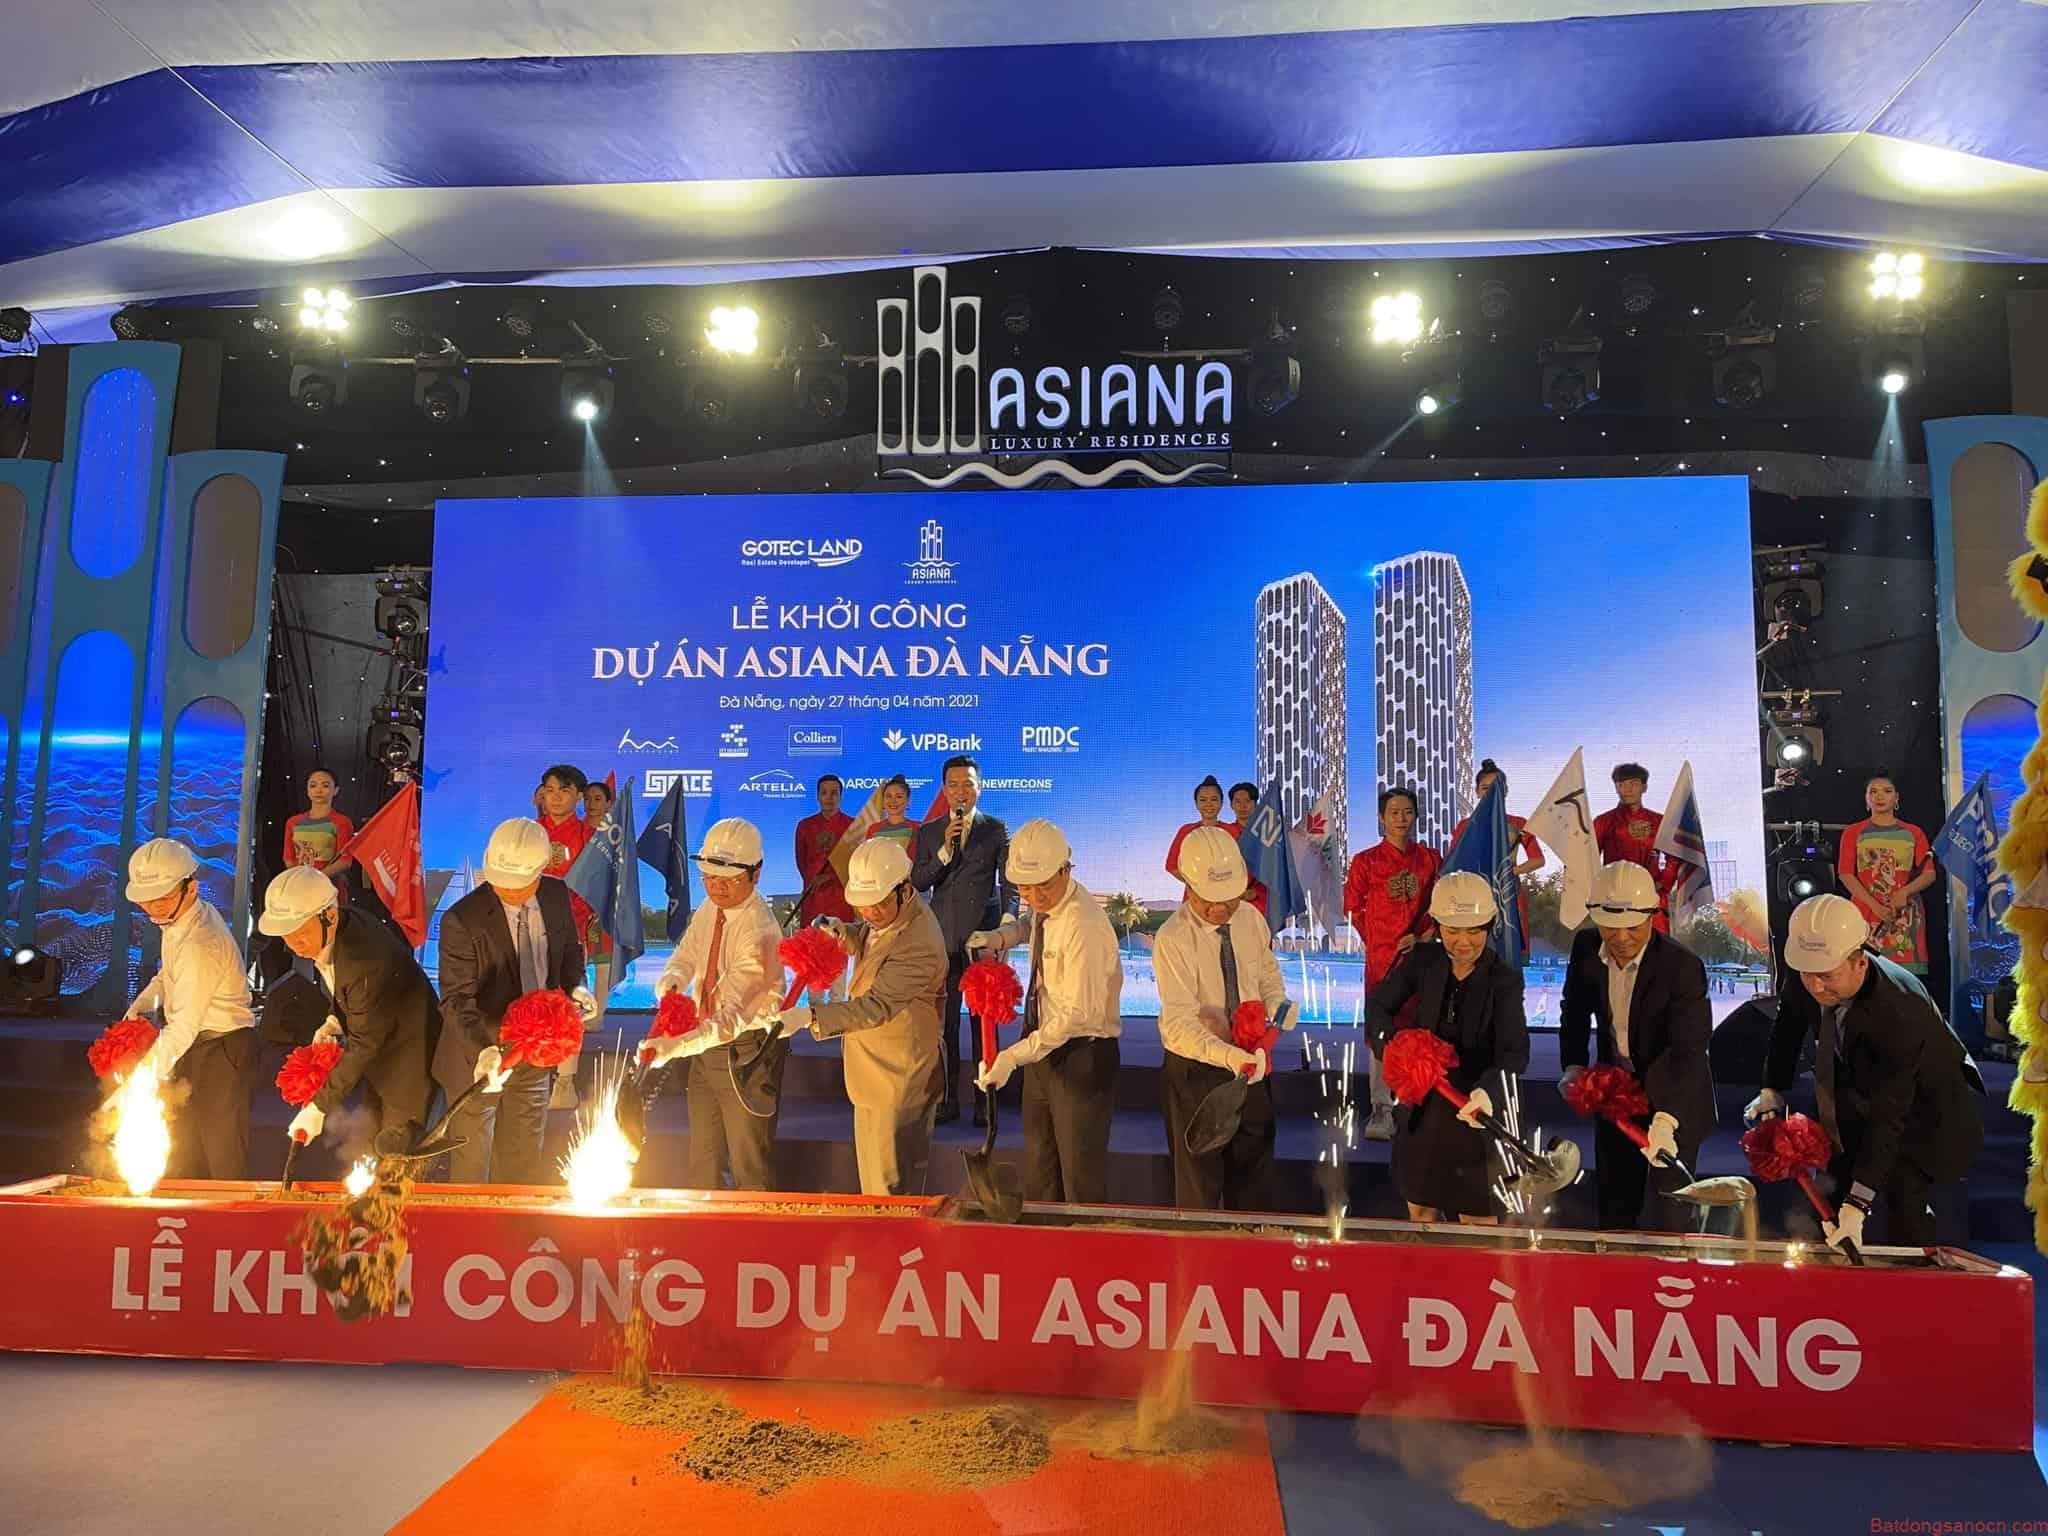 Du-an-asiana-da-nang (3)